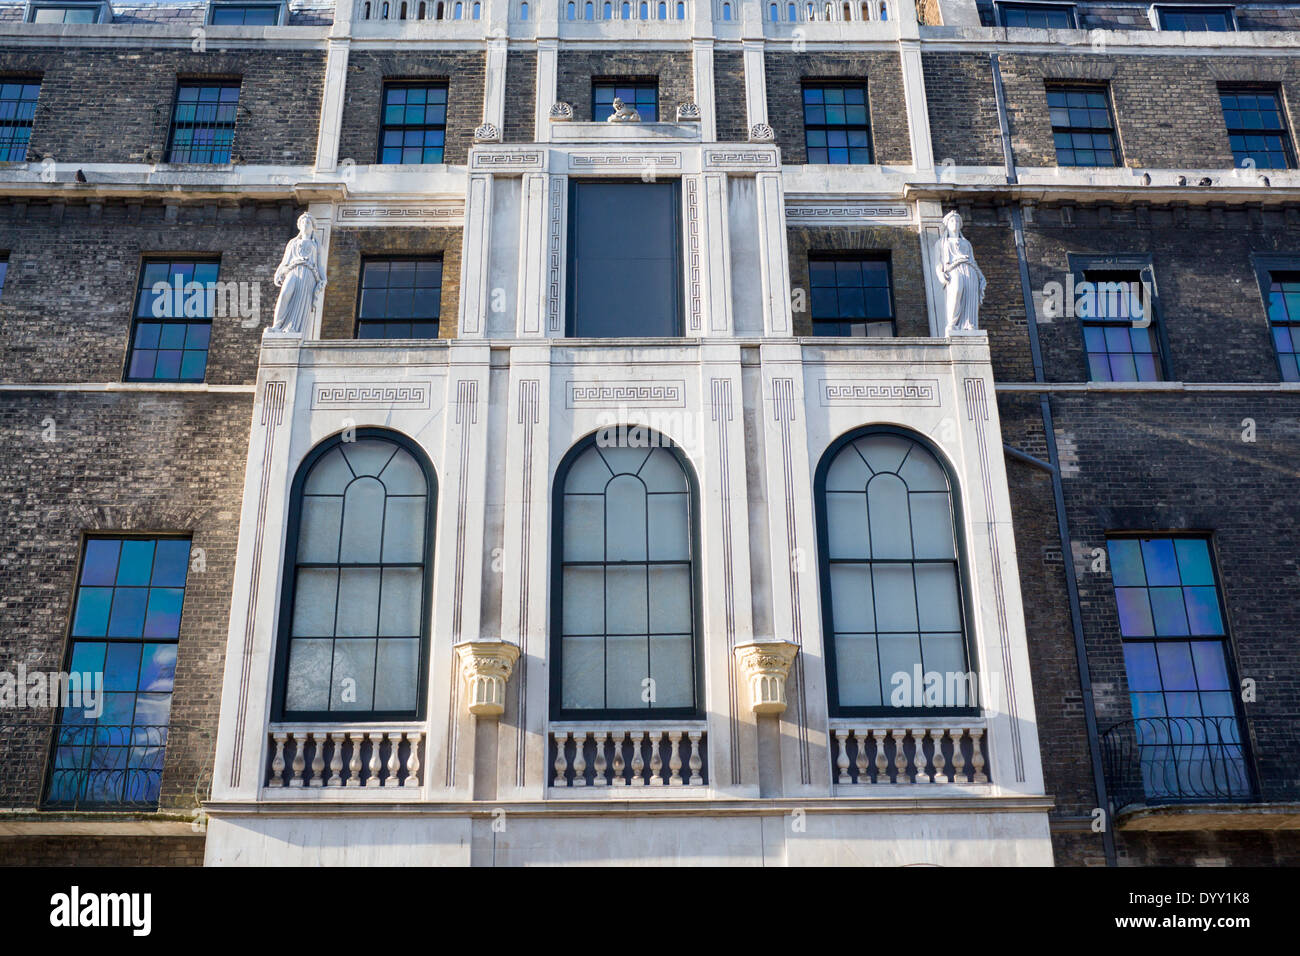 Exterior of Sir John Soane's Museum Lincoln's Inn Fields Inns of Court London England UK - Stock Image